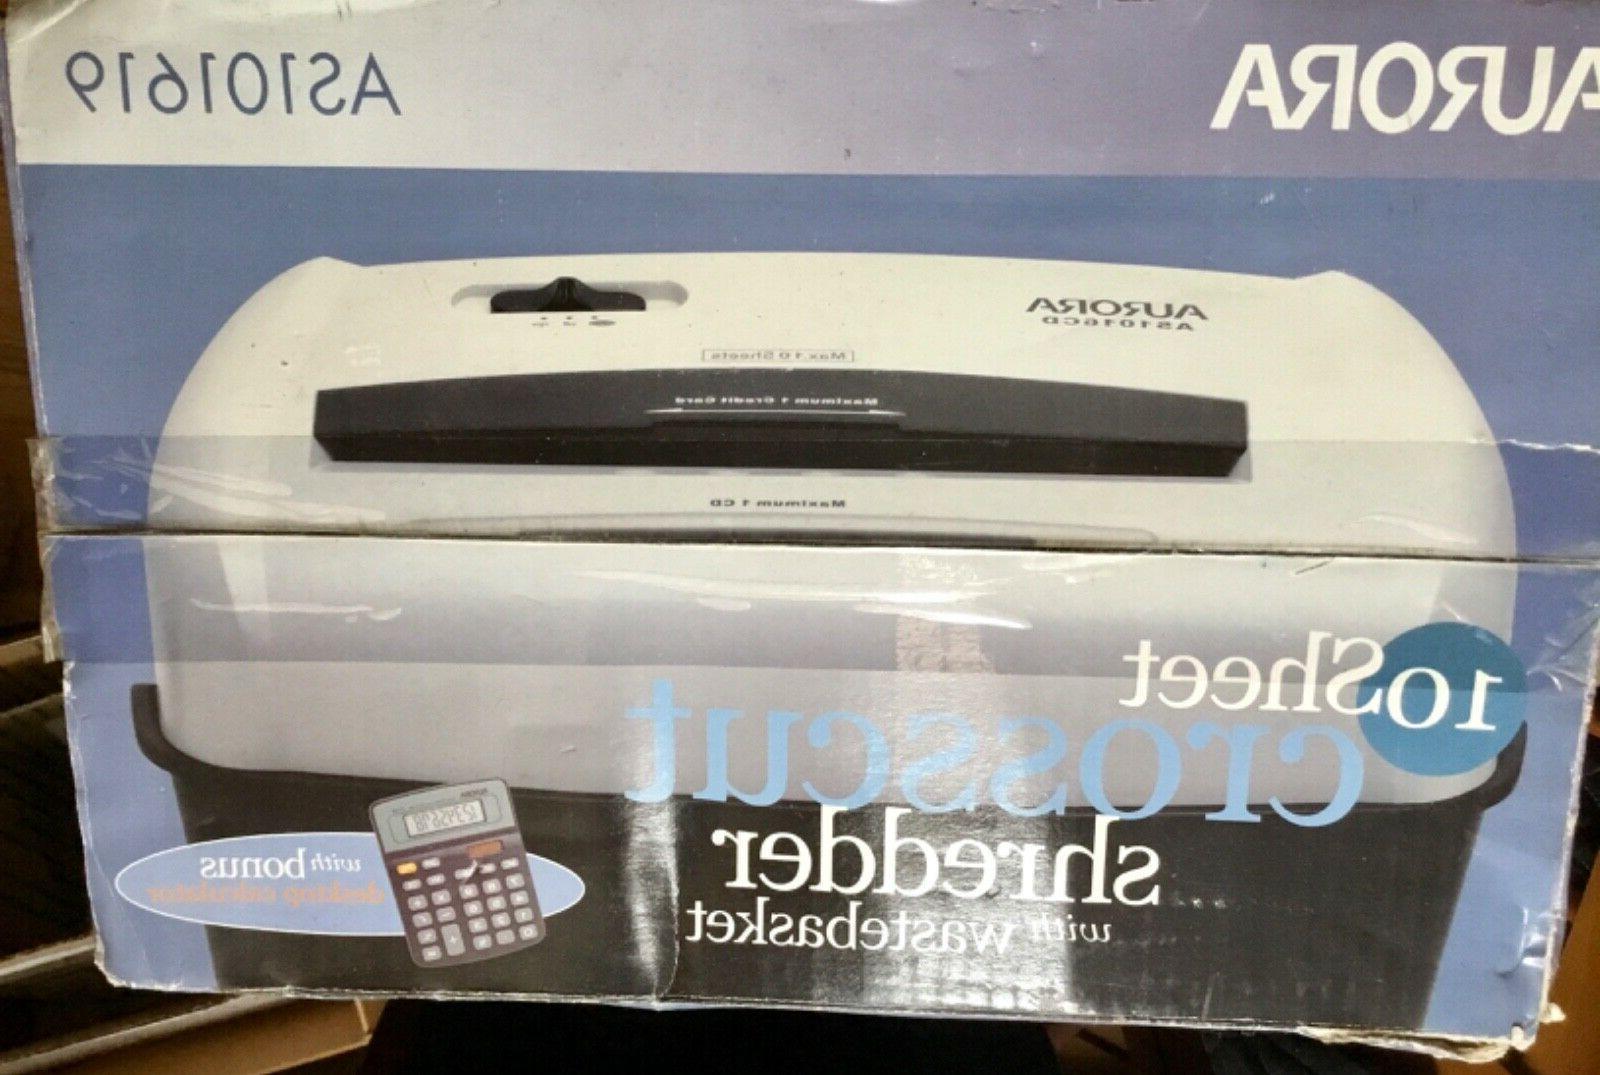 Aurora AS101619 Office Paper Shredder - Black & White